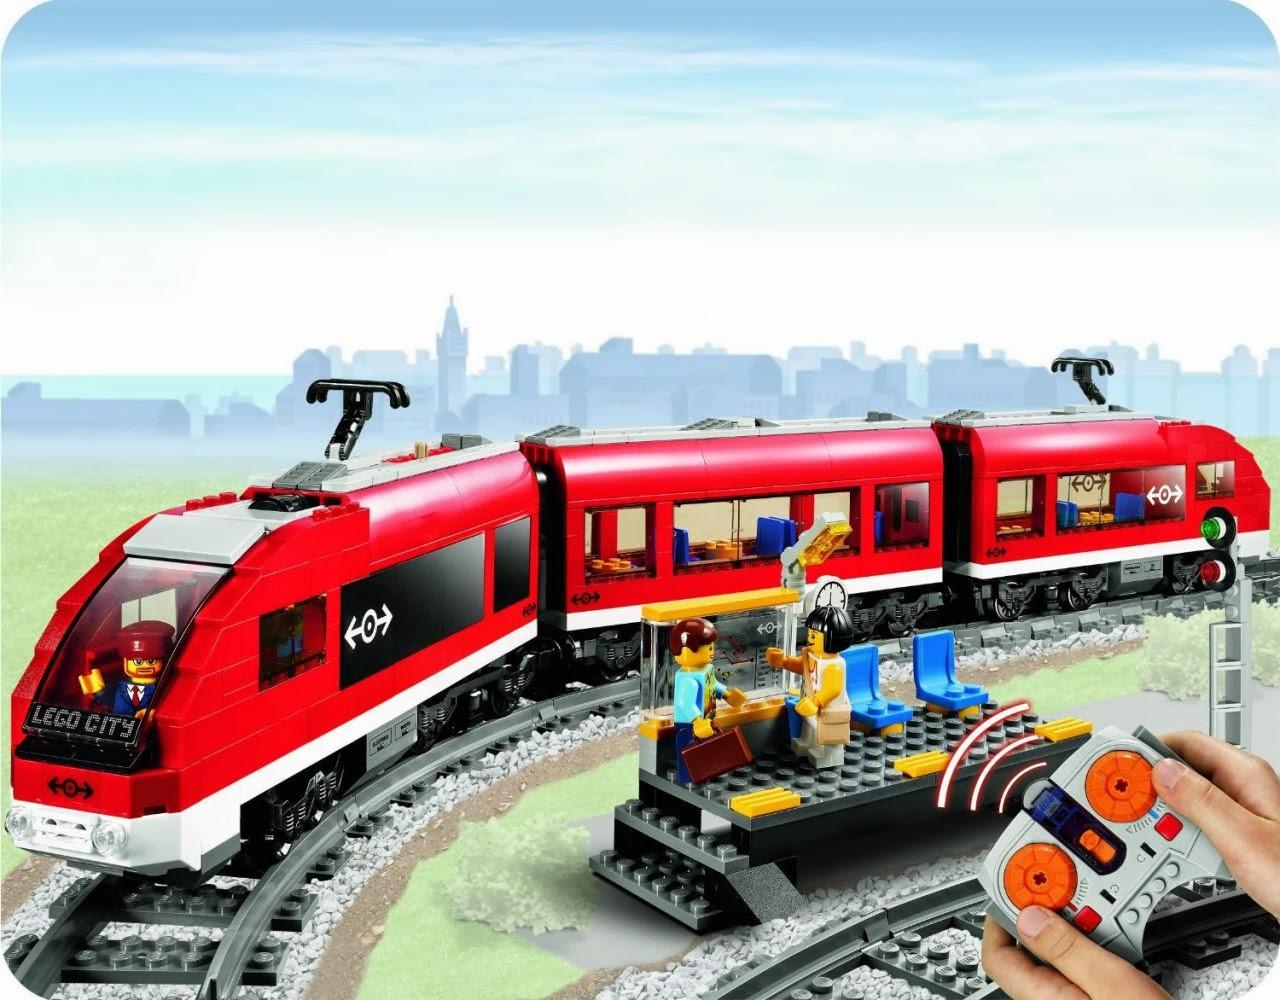 он, лего картинки все поезда только лего сити на русском этого